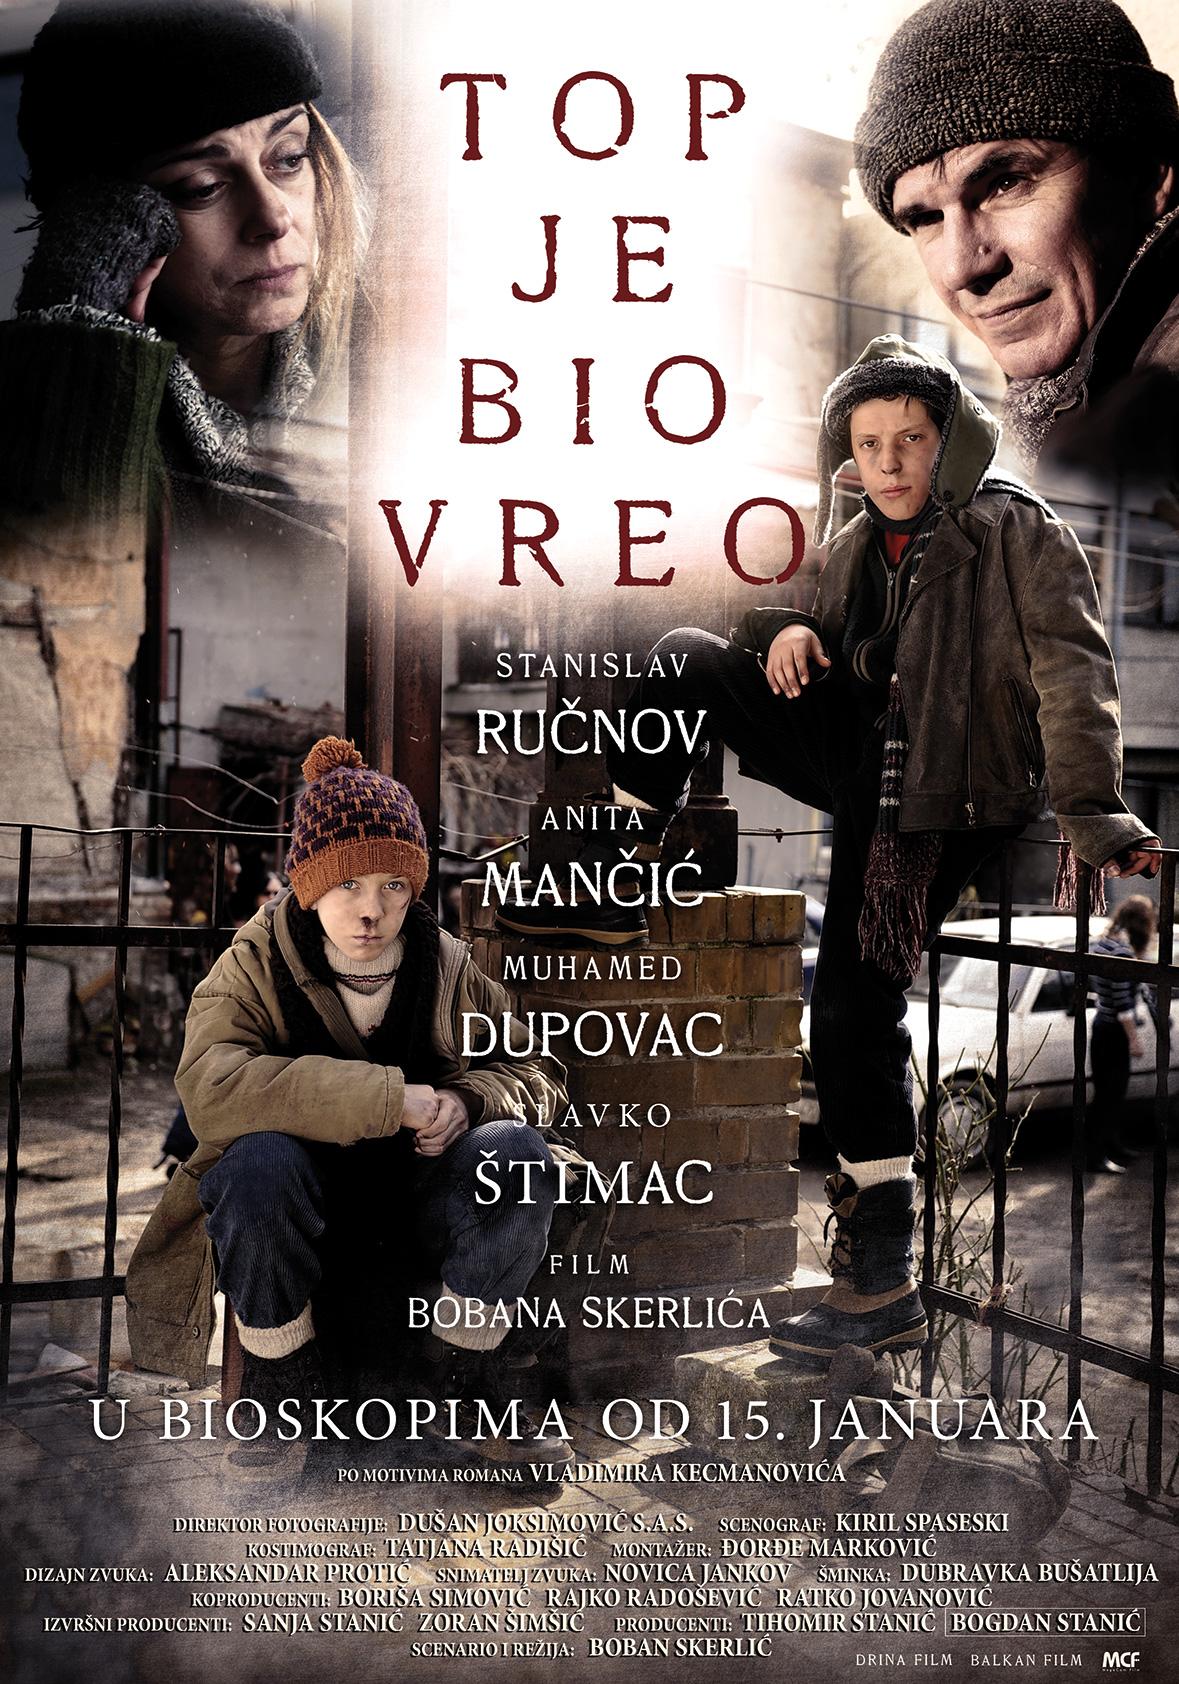 Top_je_bio_vreo